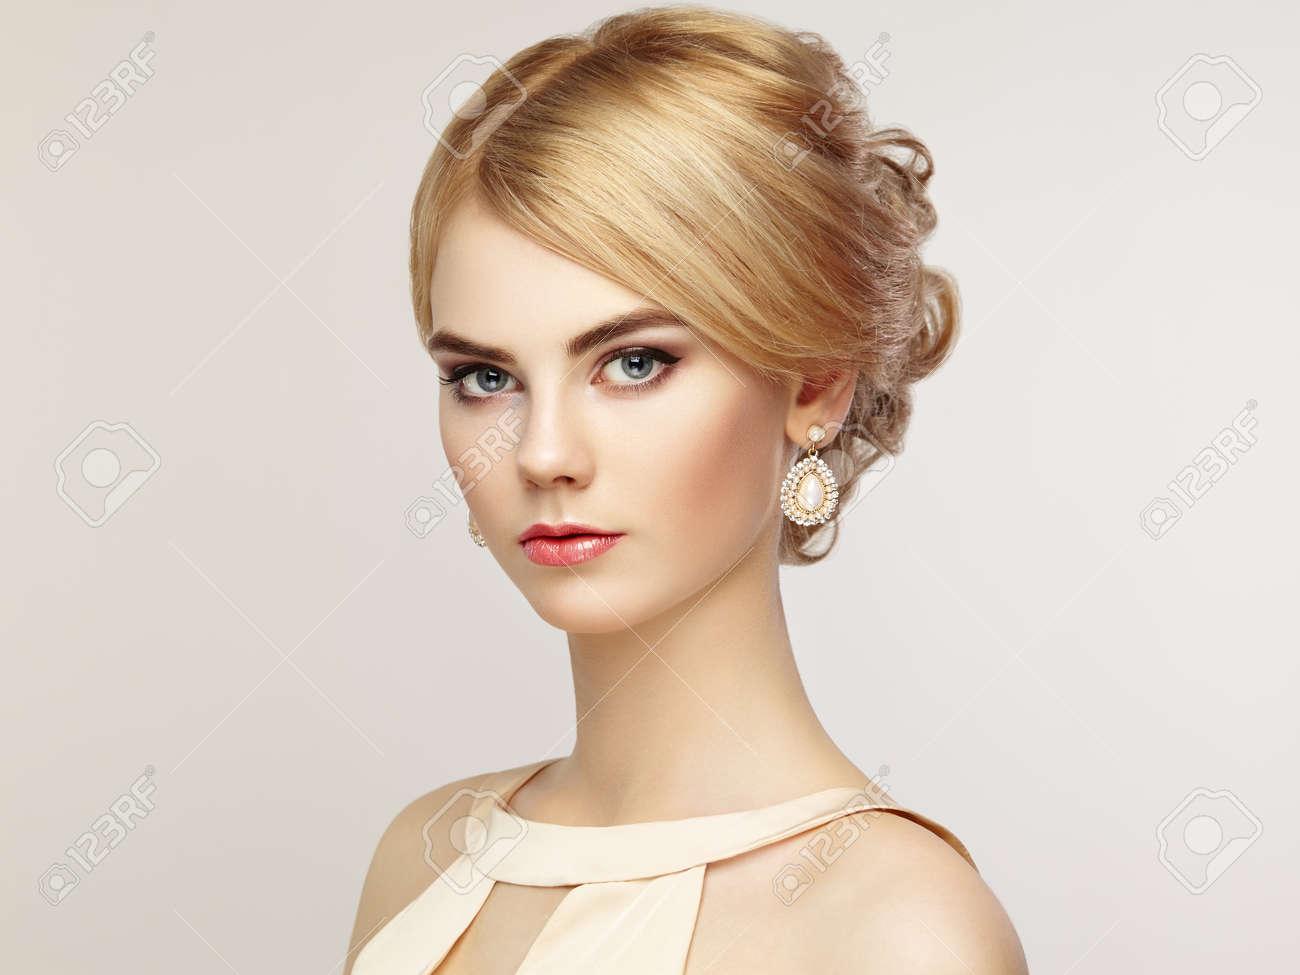 peinados retrato de la hermosa mujer sensual con elegante estilo de peinado maquillaje perfecto